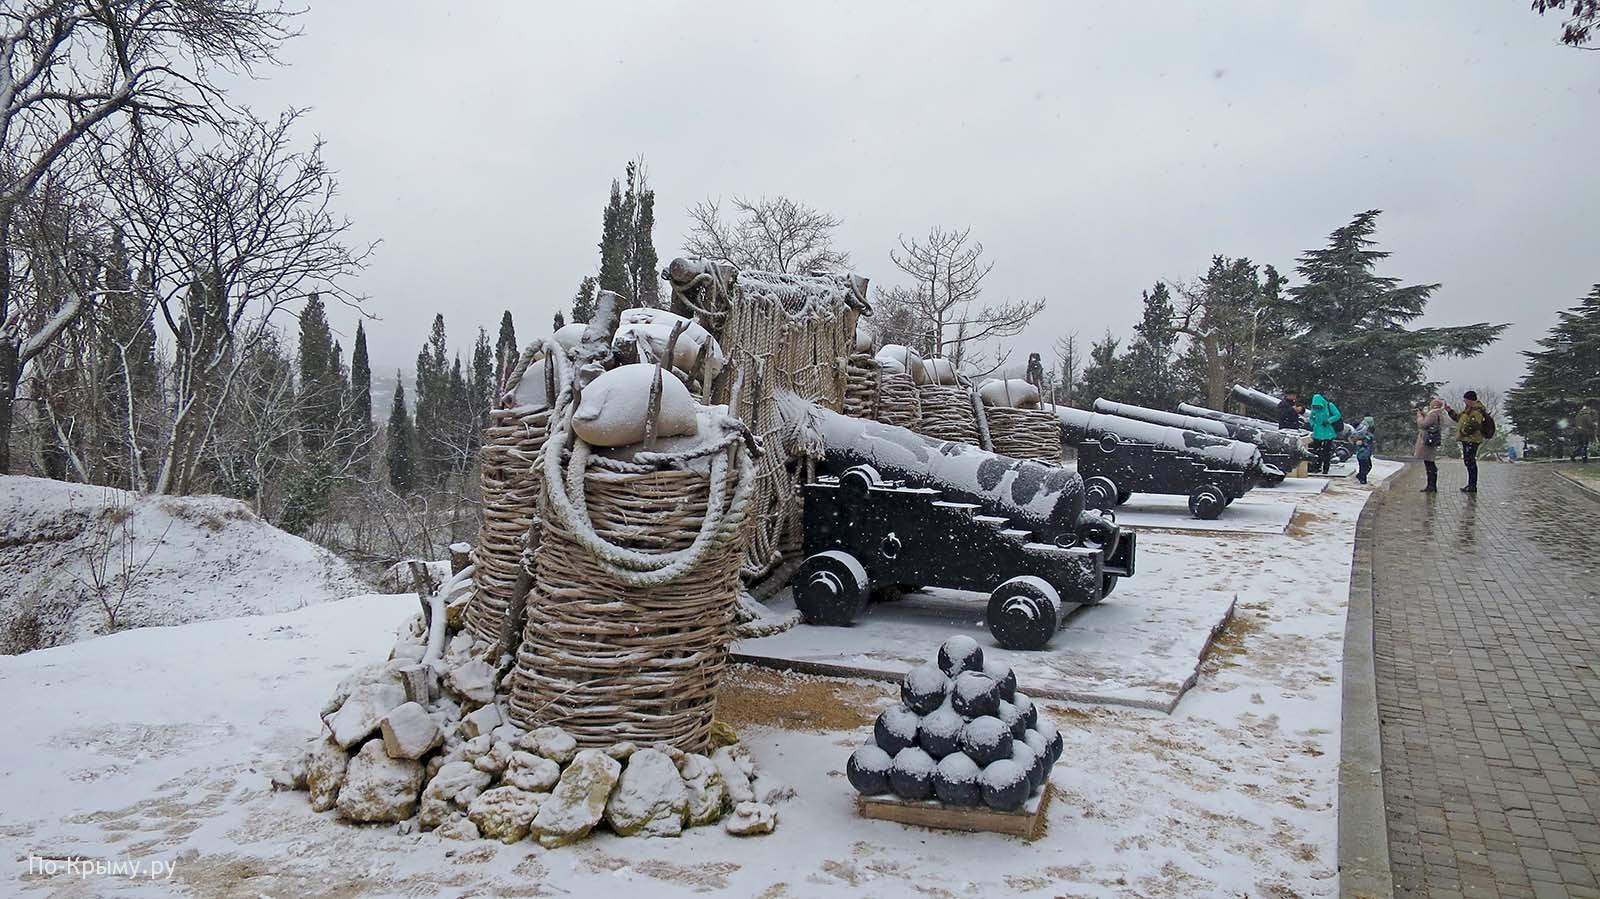 Памятники Крымской войны в Крыму - батарея No 17 Сенявина